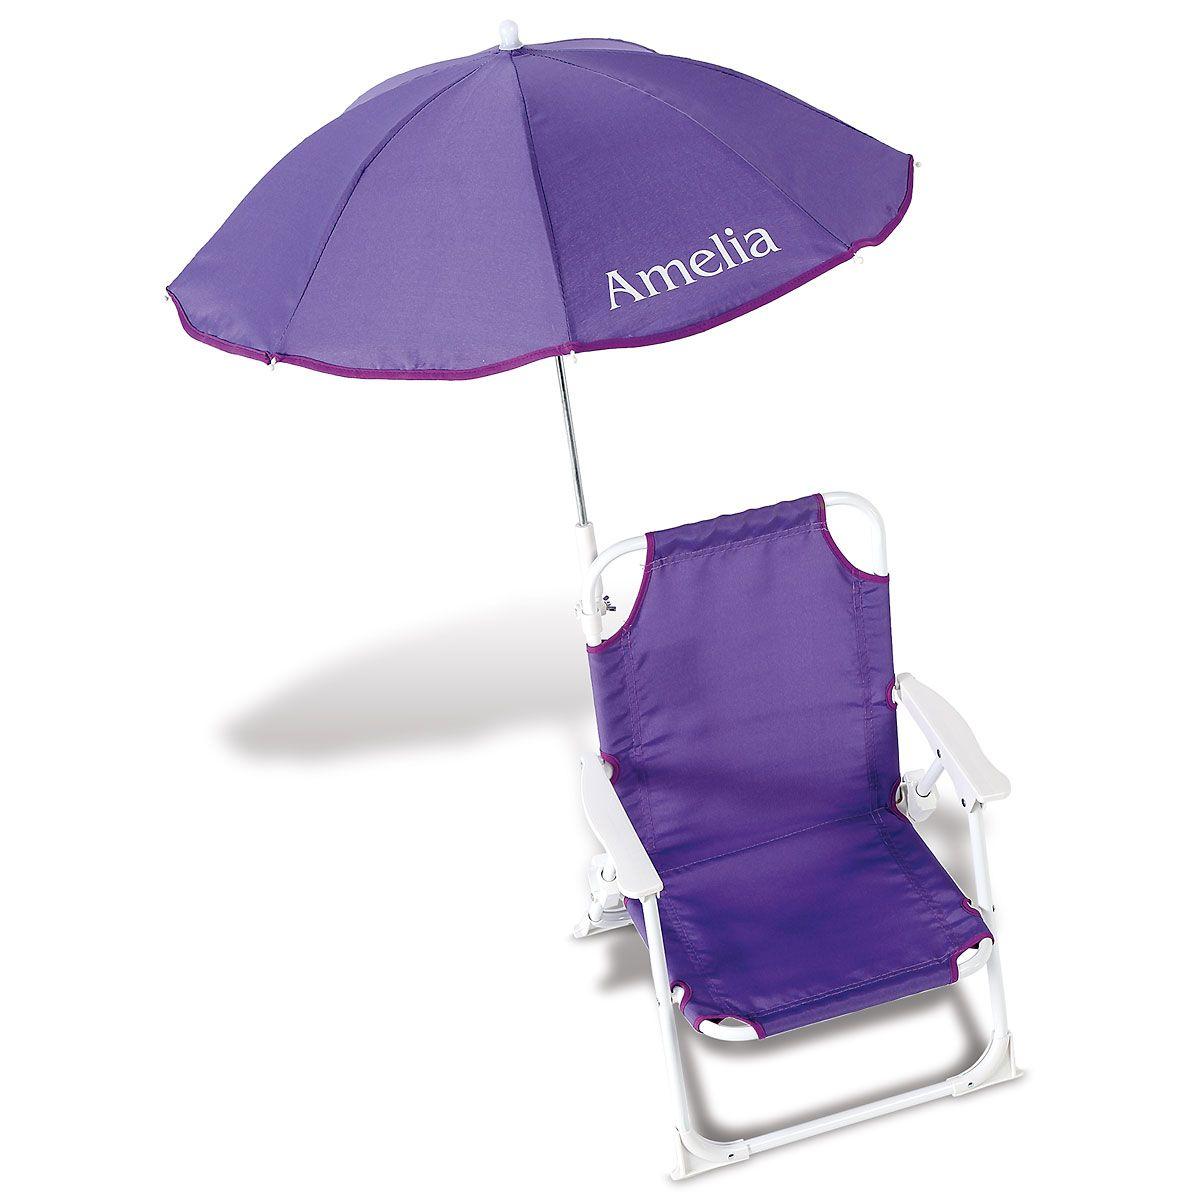 Personalized Child-Size Purple Umbrella Beach Chair